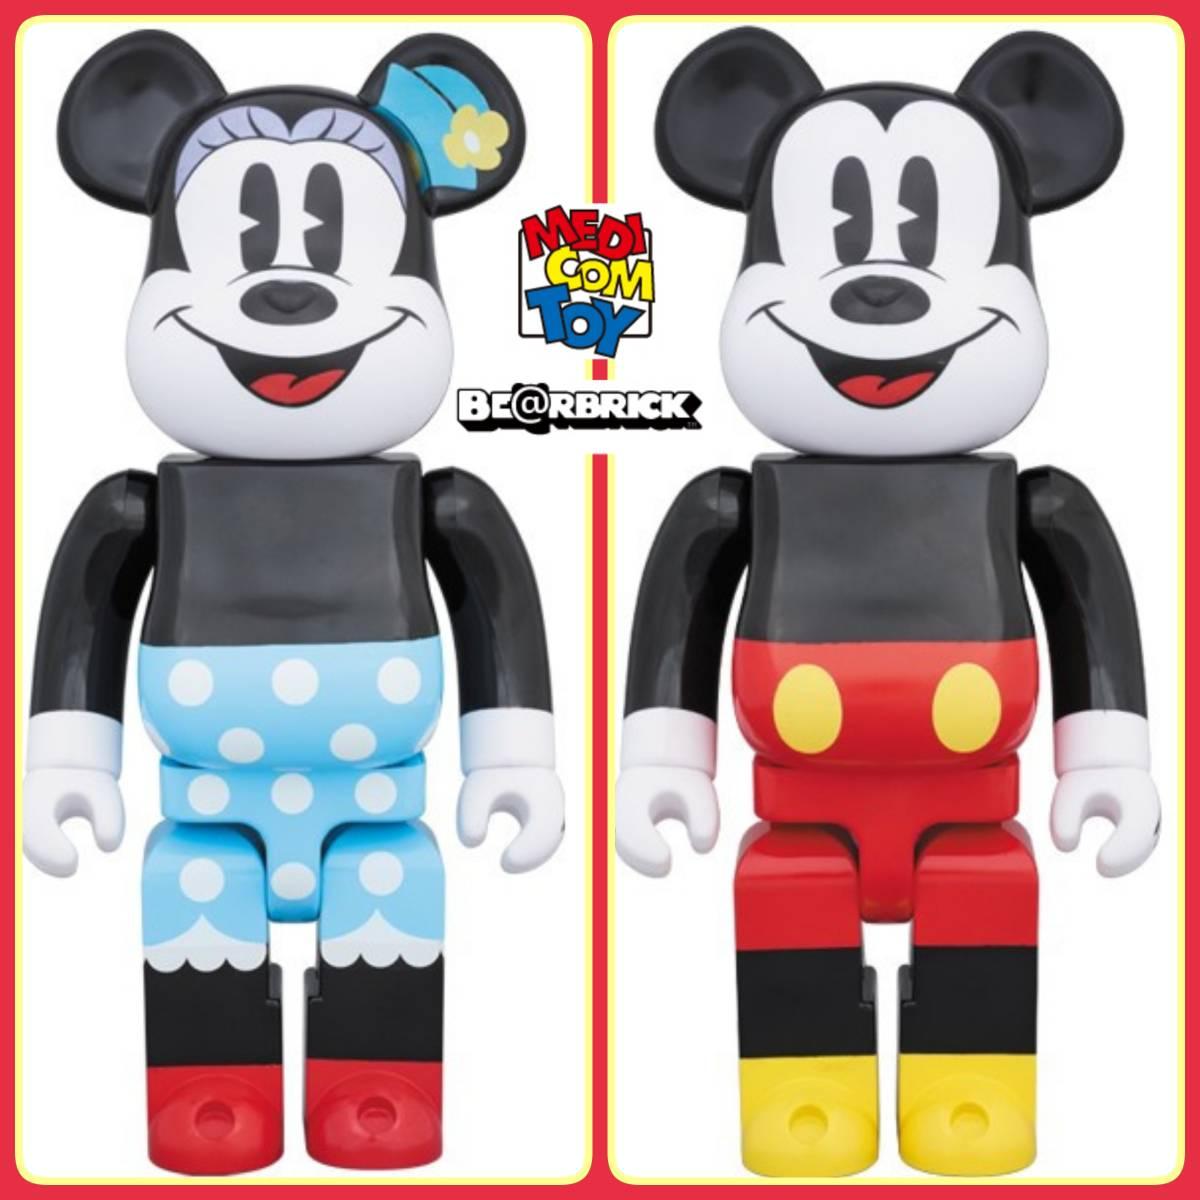 メディコム・トイ★BE@RBRICK★ミッキーマウス&ミニーマウス400% 2体セット ベアブリック MICKEY MOUSE & MINNIE MOUSE medicom toy disny_画像1